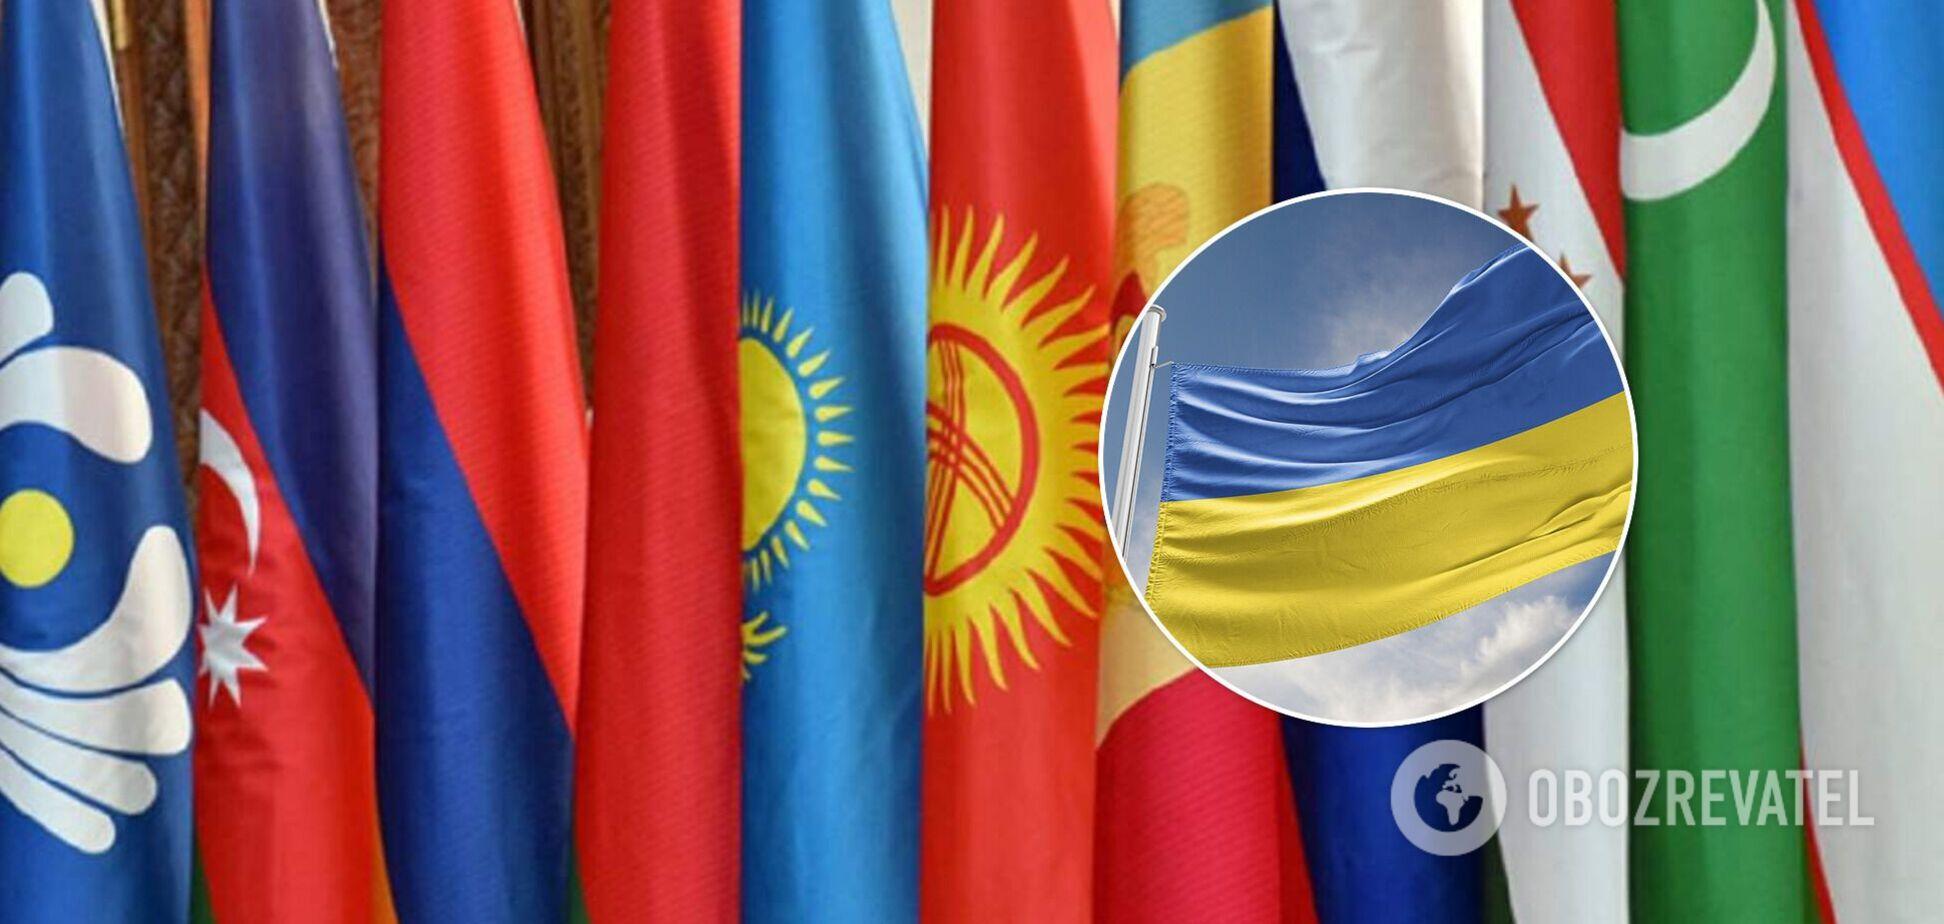 Украина выйдет из двух космических соглашений с СНГ